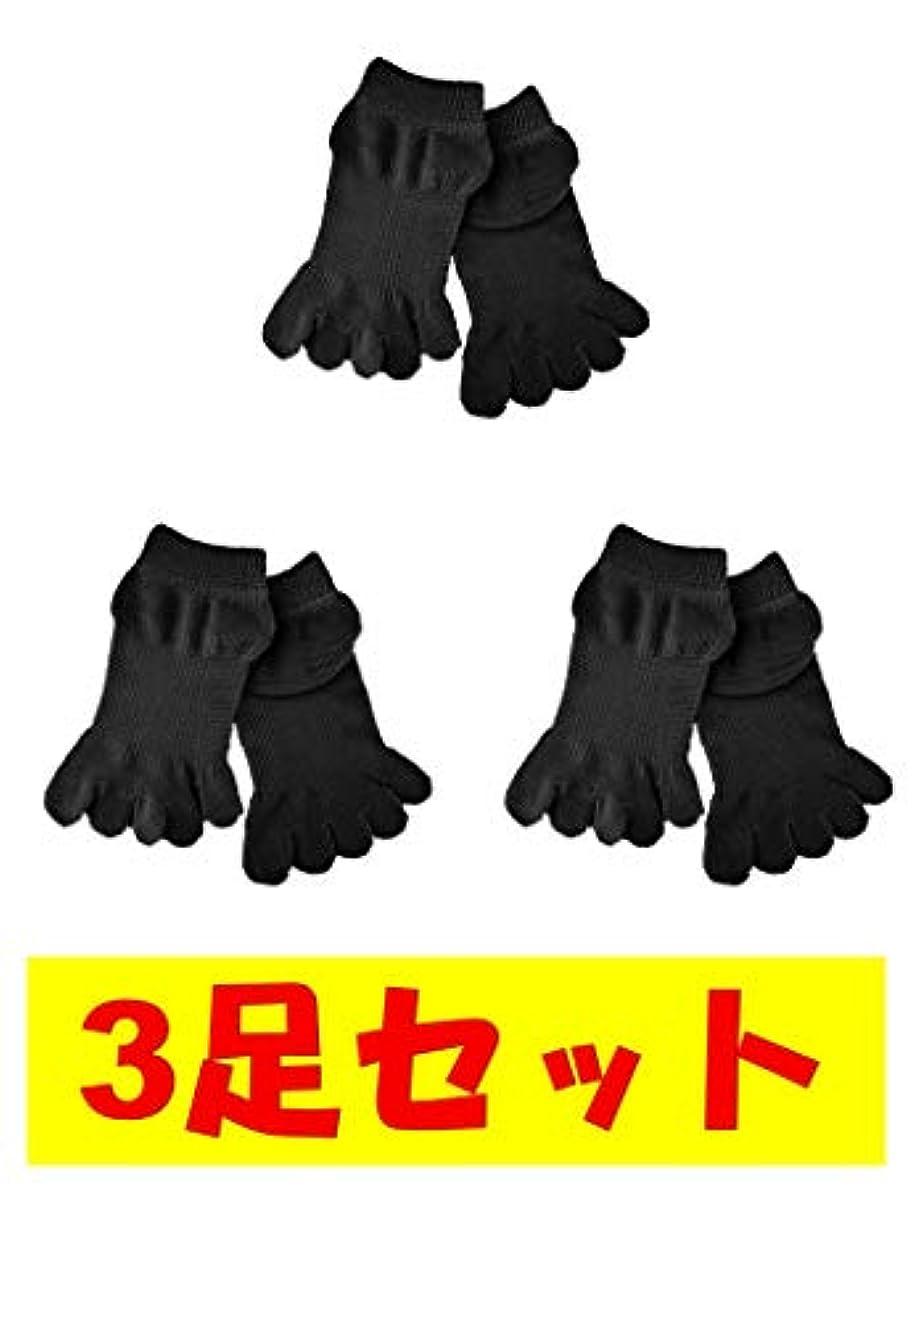 襲撃煩わしい暗殺するお買い得3足セット 5本指 ゆびのばソックス ゆびのば アンクル ブラック Mサイズ 25.0cm-27.5cm YSANKL-BLK